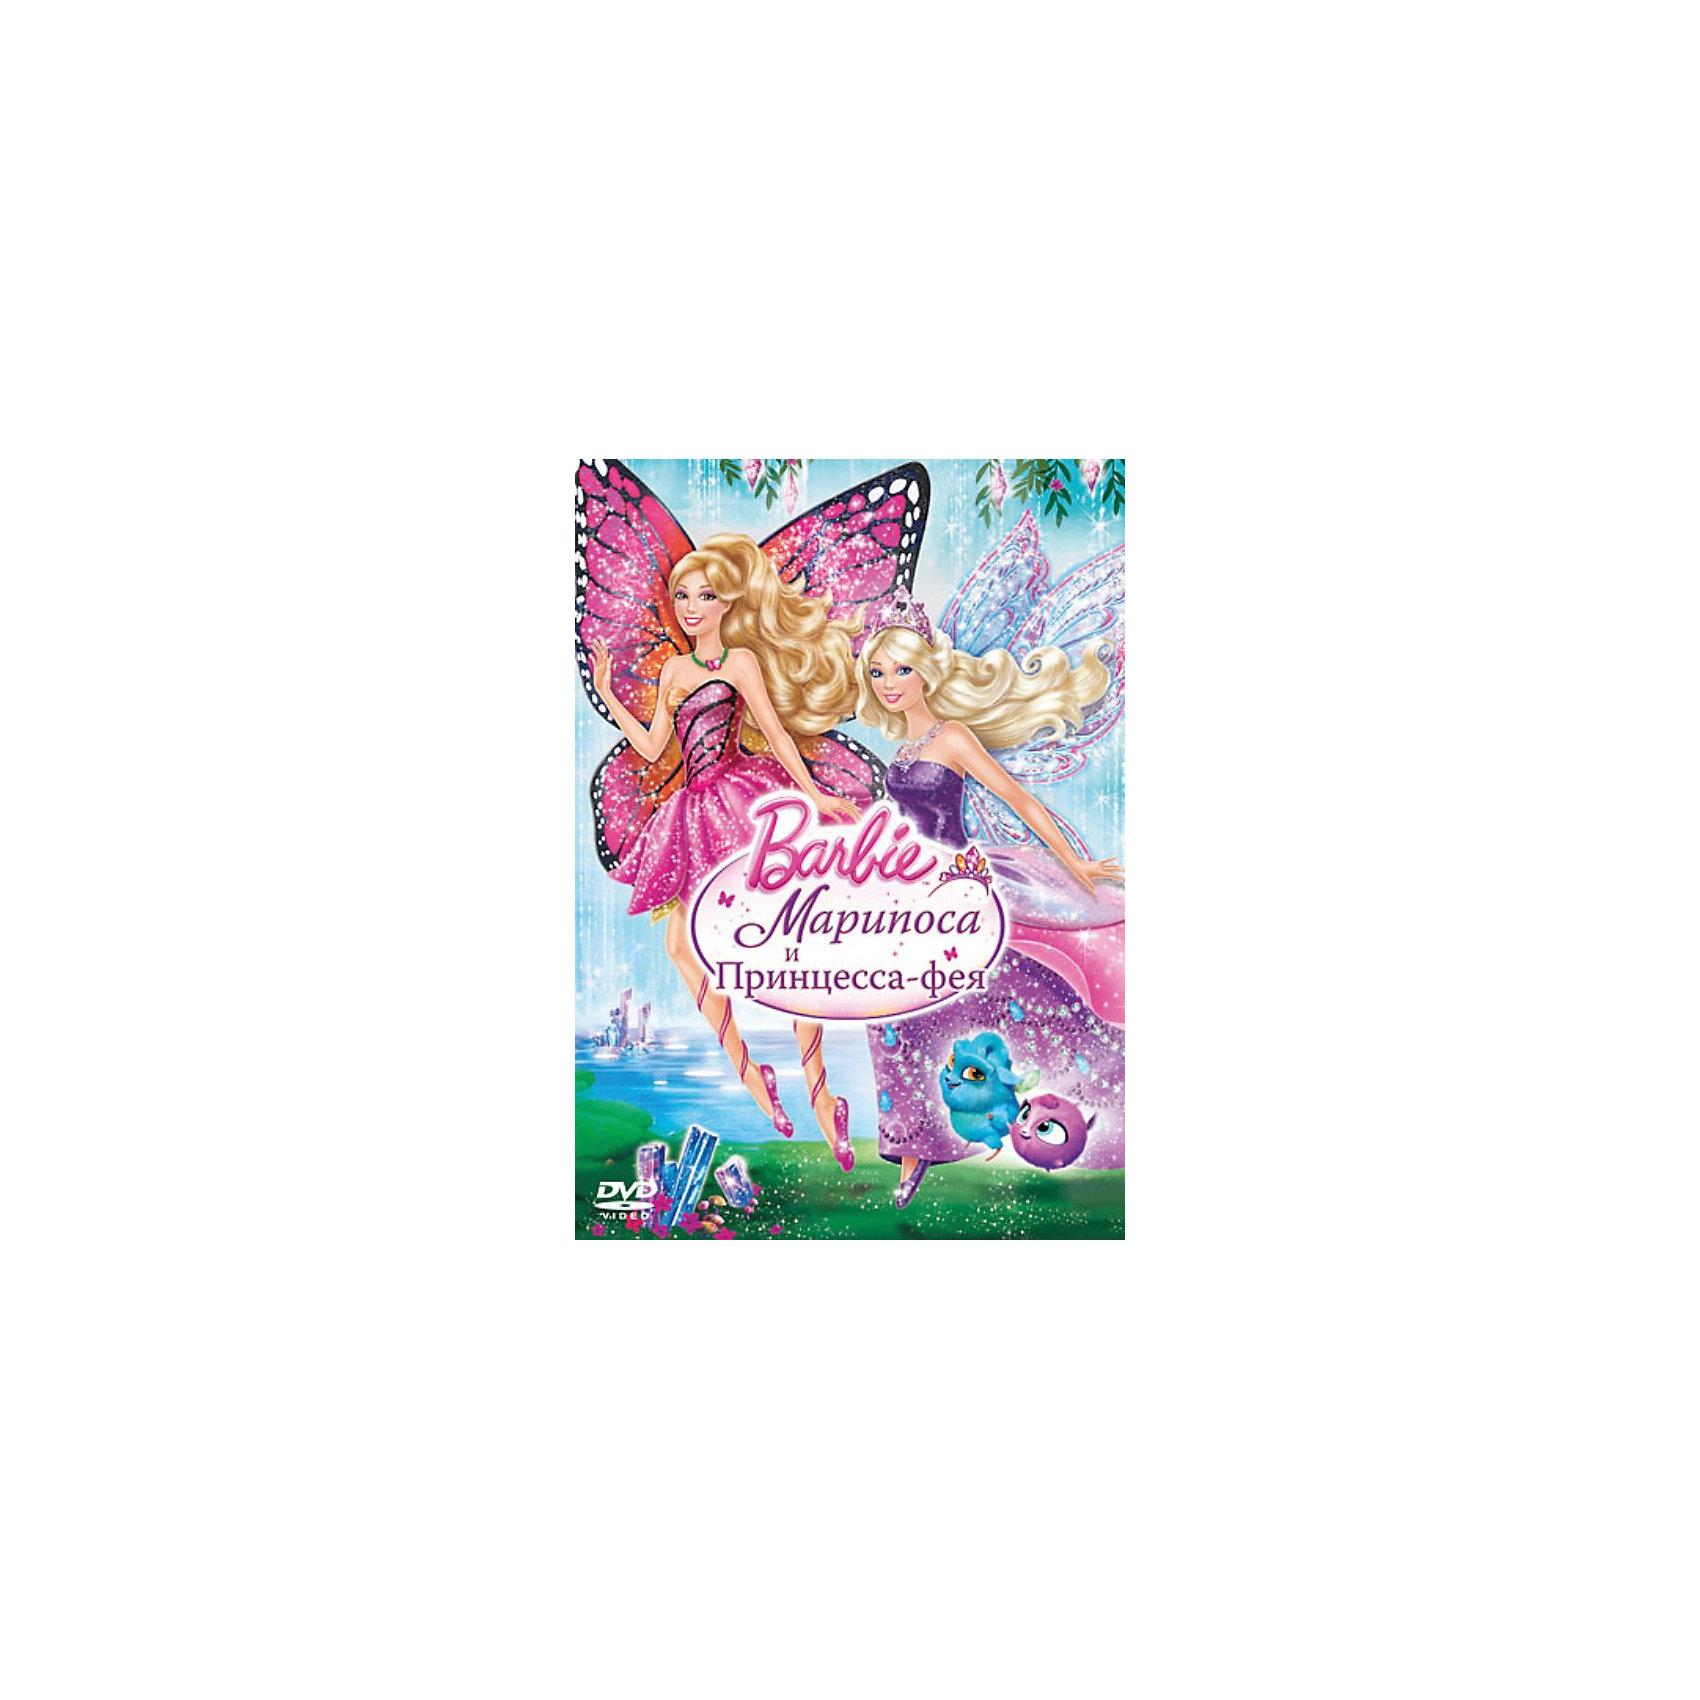 DVD Барби: Марипоса и Принцесса-фея, BarbieБарби и её сестры отправляются в сказочные Швейцарские Альпы, чтобы провести незабываемые летние каникулы в школе верховой езды. Барби с нетерпением ждет встречи с новой лошадкой, которую намеревается забрать с собой в Малибу. Стэйси очень хочется доказать всем, что она великолепная наездница. Малышка Челси мечтает покататься на «настоящих больших лошадках», а Скиппер, пожалуй, больше любит красочно описывать приключения, чем участвовать в них. Каникулы идут своим чередом, пока Барби не находит в лесу необычную дикую лошадь – и каникулы сестер становятся по-настоящему волшебными!<br><br>Дополнительная информация:<br><br>- Полнометражный мультфильм<br>- Подарочная упаковка.<br>- Продолжительность 76 мин.<br>- Размер упаковки: 13,5x19x13 см<br>- Режиссер: Уилльям Лау<br>- DVD диск.<br><br>DVD Барби: Марипоса и Принцесса-фея, Barbie можно купить в нашем магазине.<br><br>Ширина мм: 135<br>Глубина мм: 190<br>Высота мм: 13<br>Вес г: 95<br>Возраст от месяцев: 72<br>Возраст до месяцев: 120<br>Пол: Женский<br>Возраст: Детский<br>SKU: 3838395